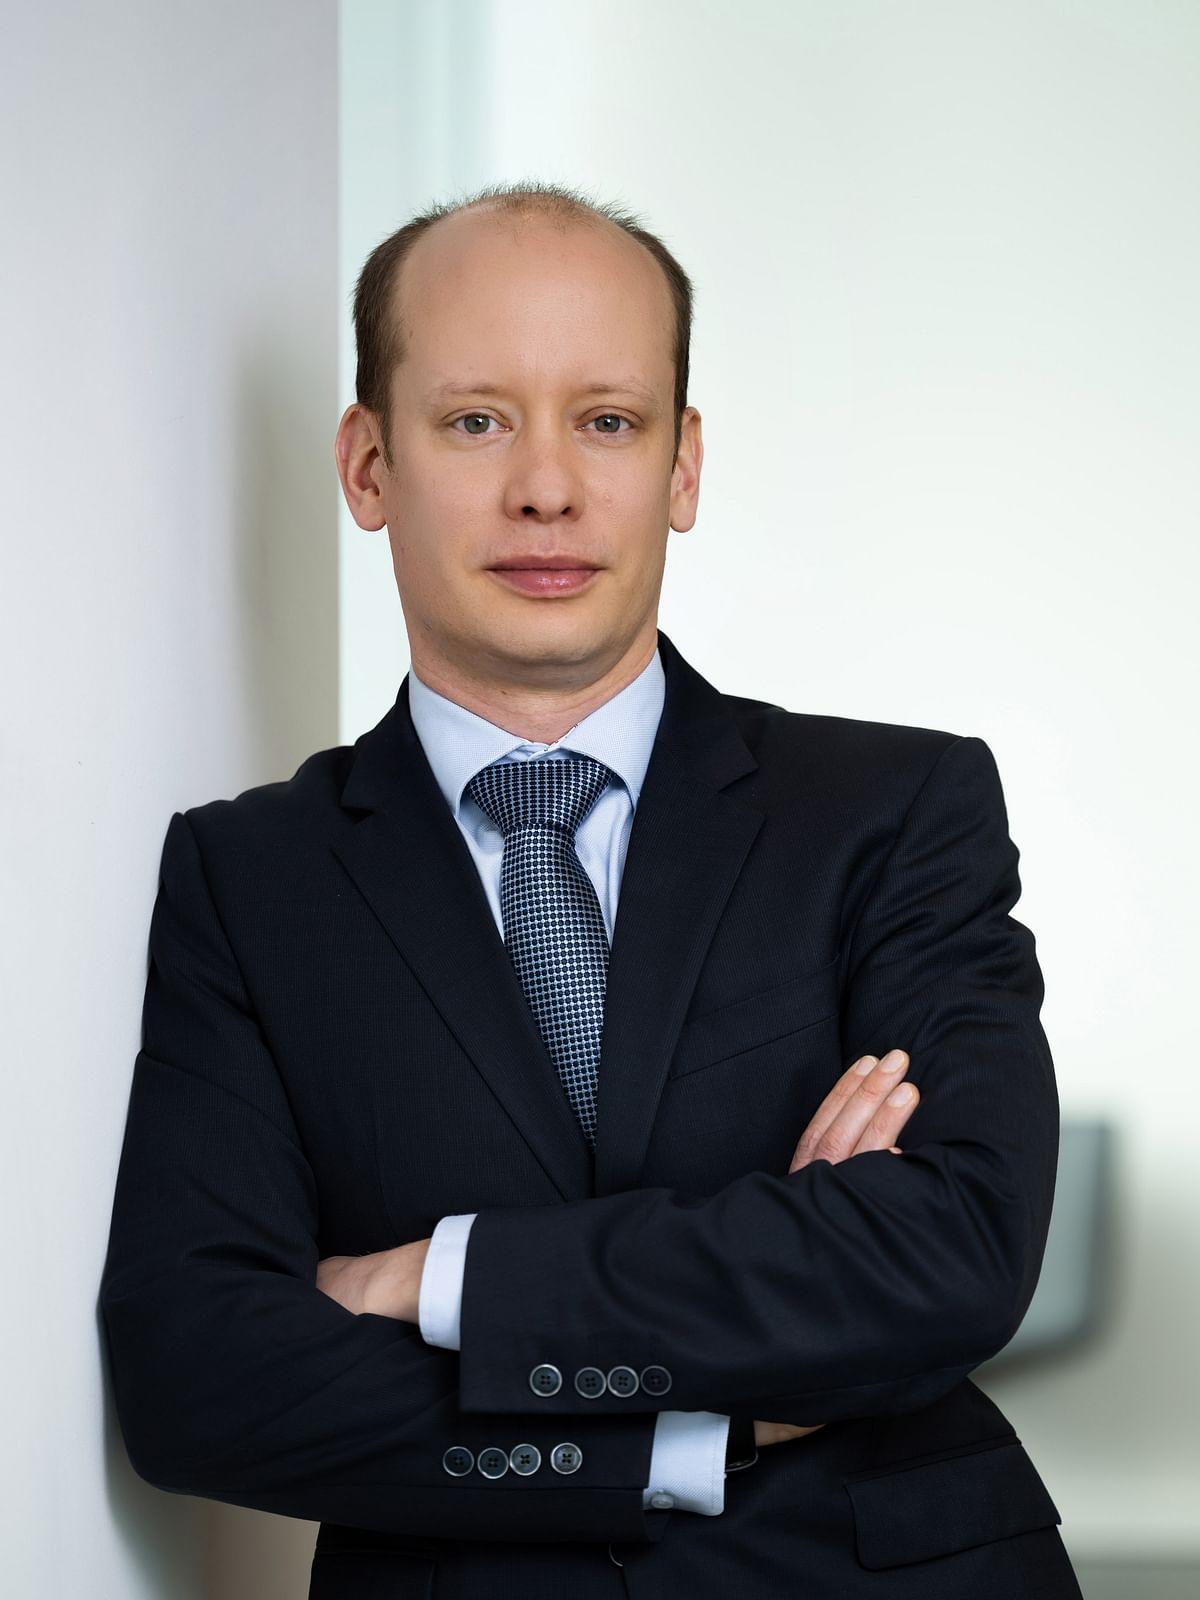 Dr. Stefan Neufeind